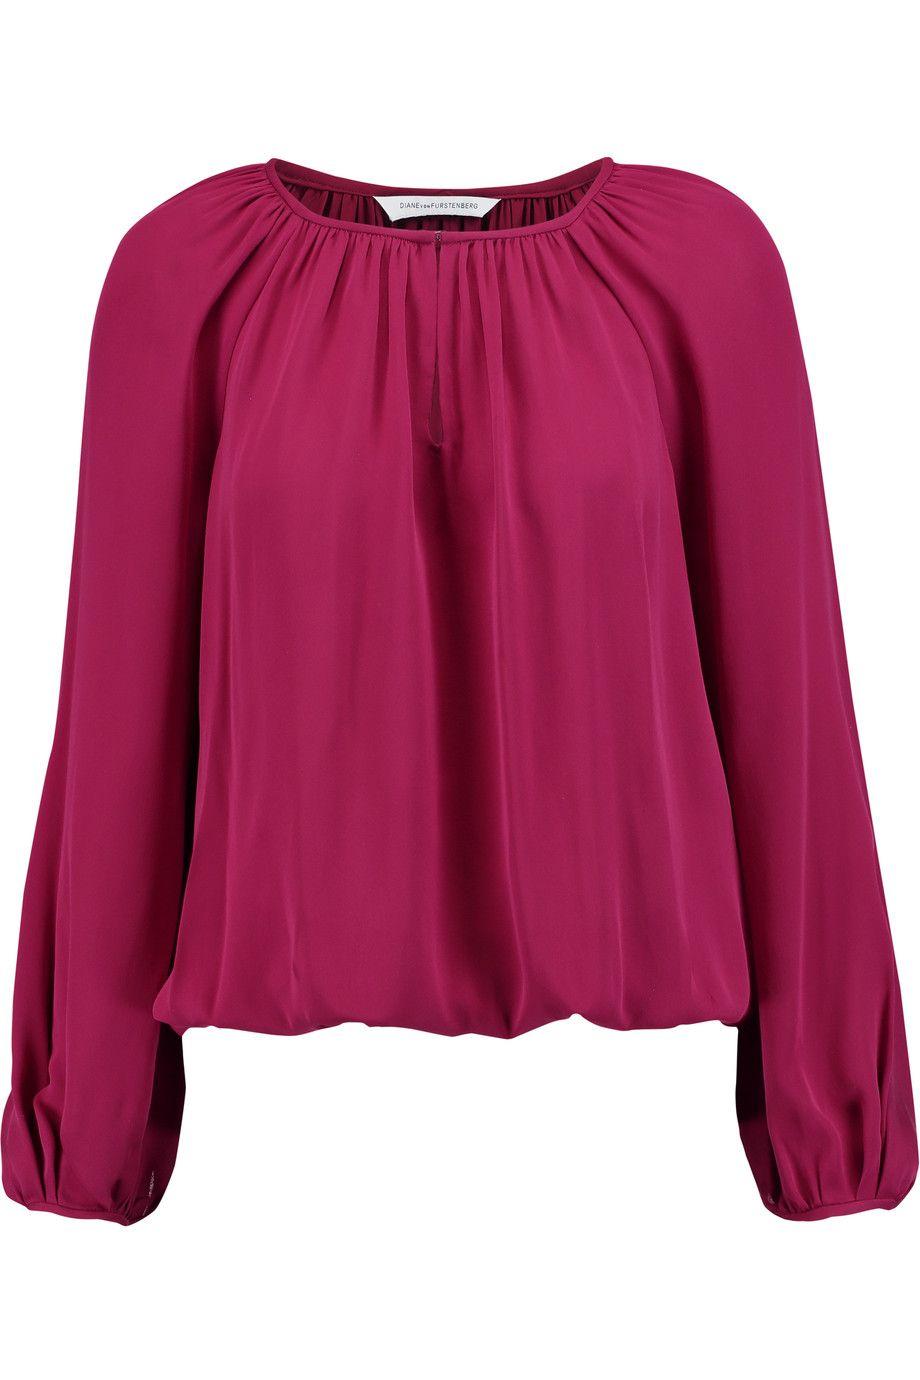 DIANE VON FURSTENBERG Hathaway Silk-Georgette Blouse. #dianevonfurstenberg #cloth #blouse